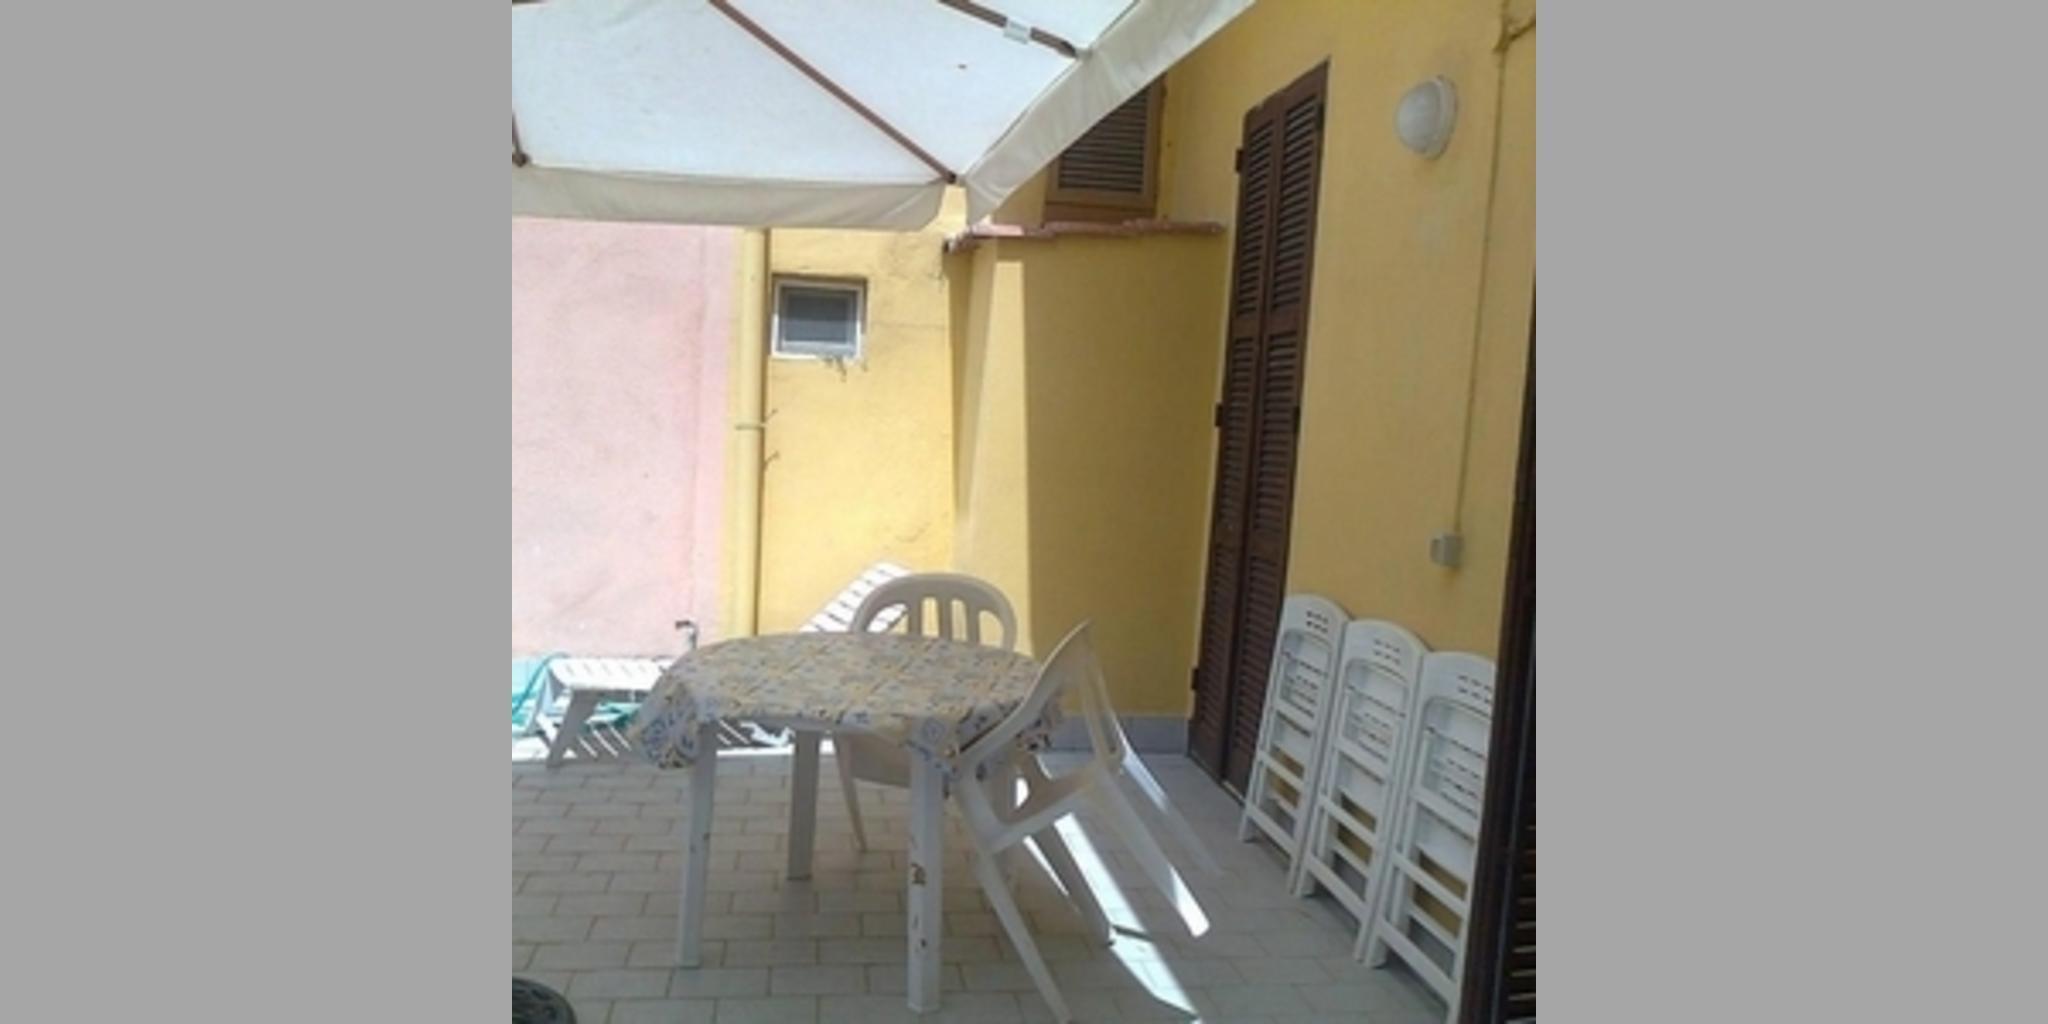 Bed & Breakfast Anzio - Piazza Pia